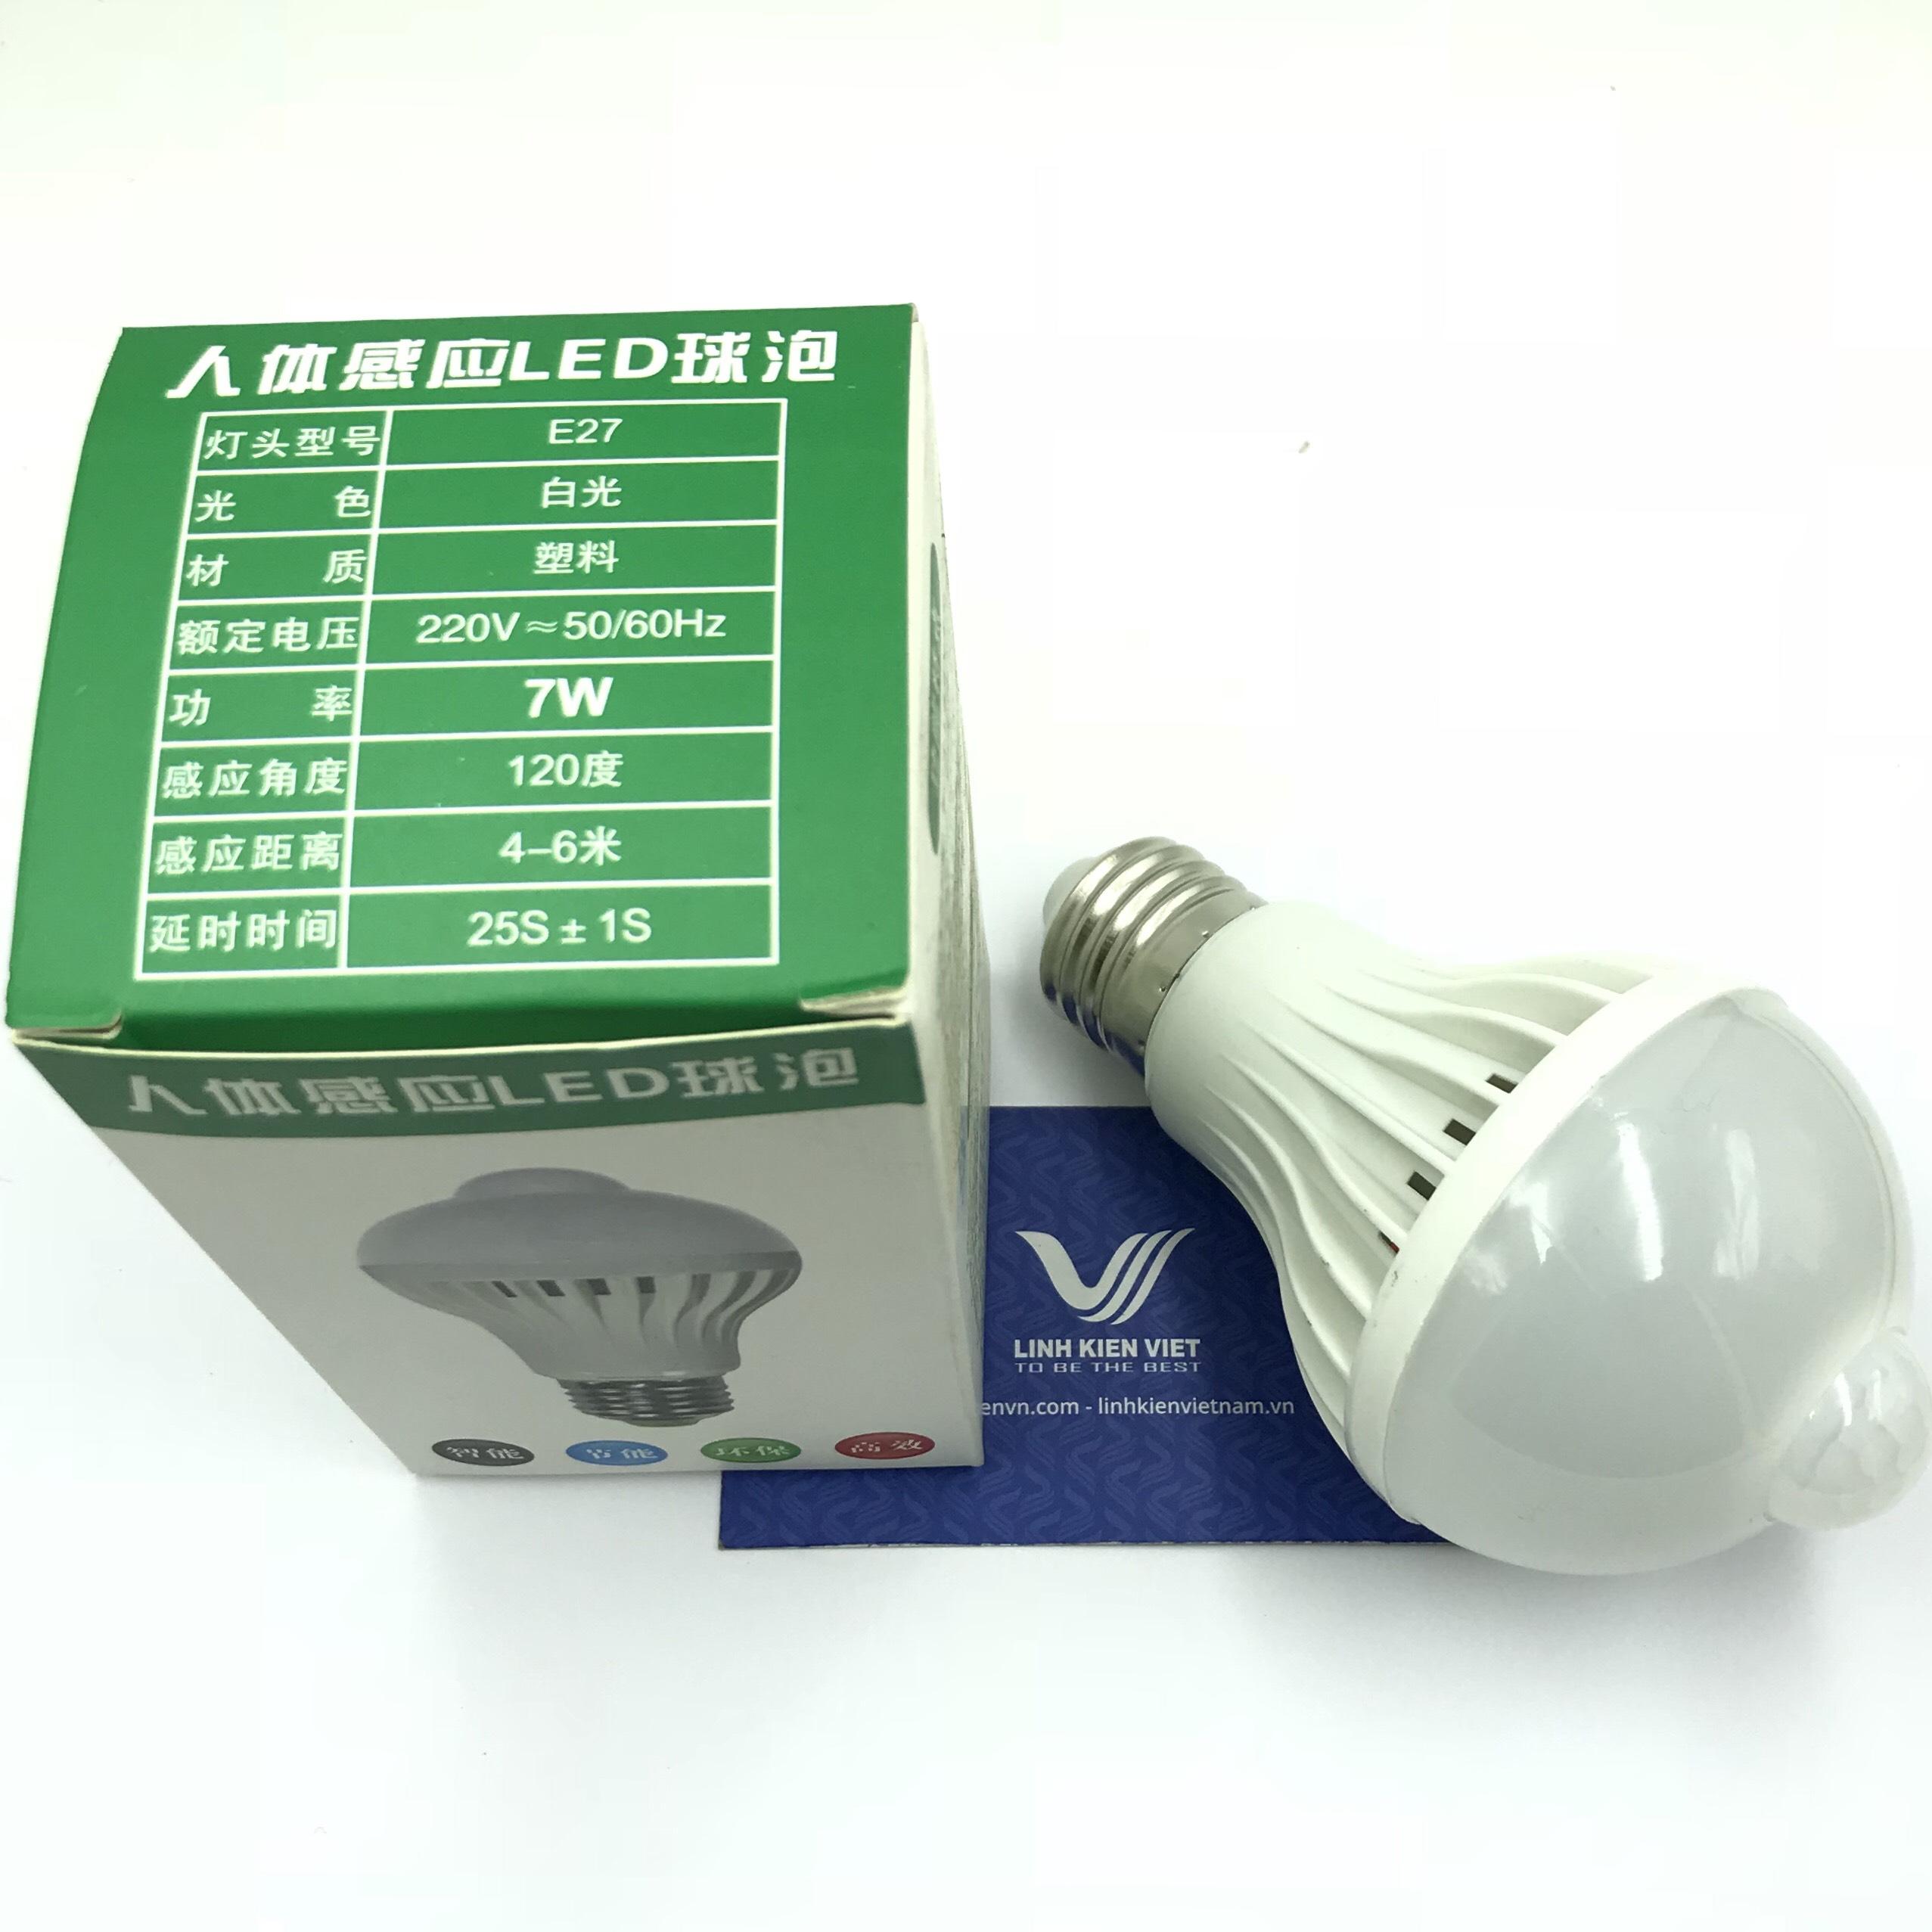 Bóng đèn gắn cảm biến chuyển động 7W -  220VAC